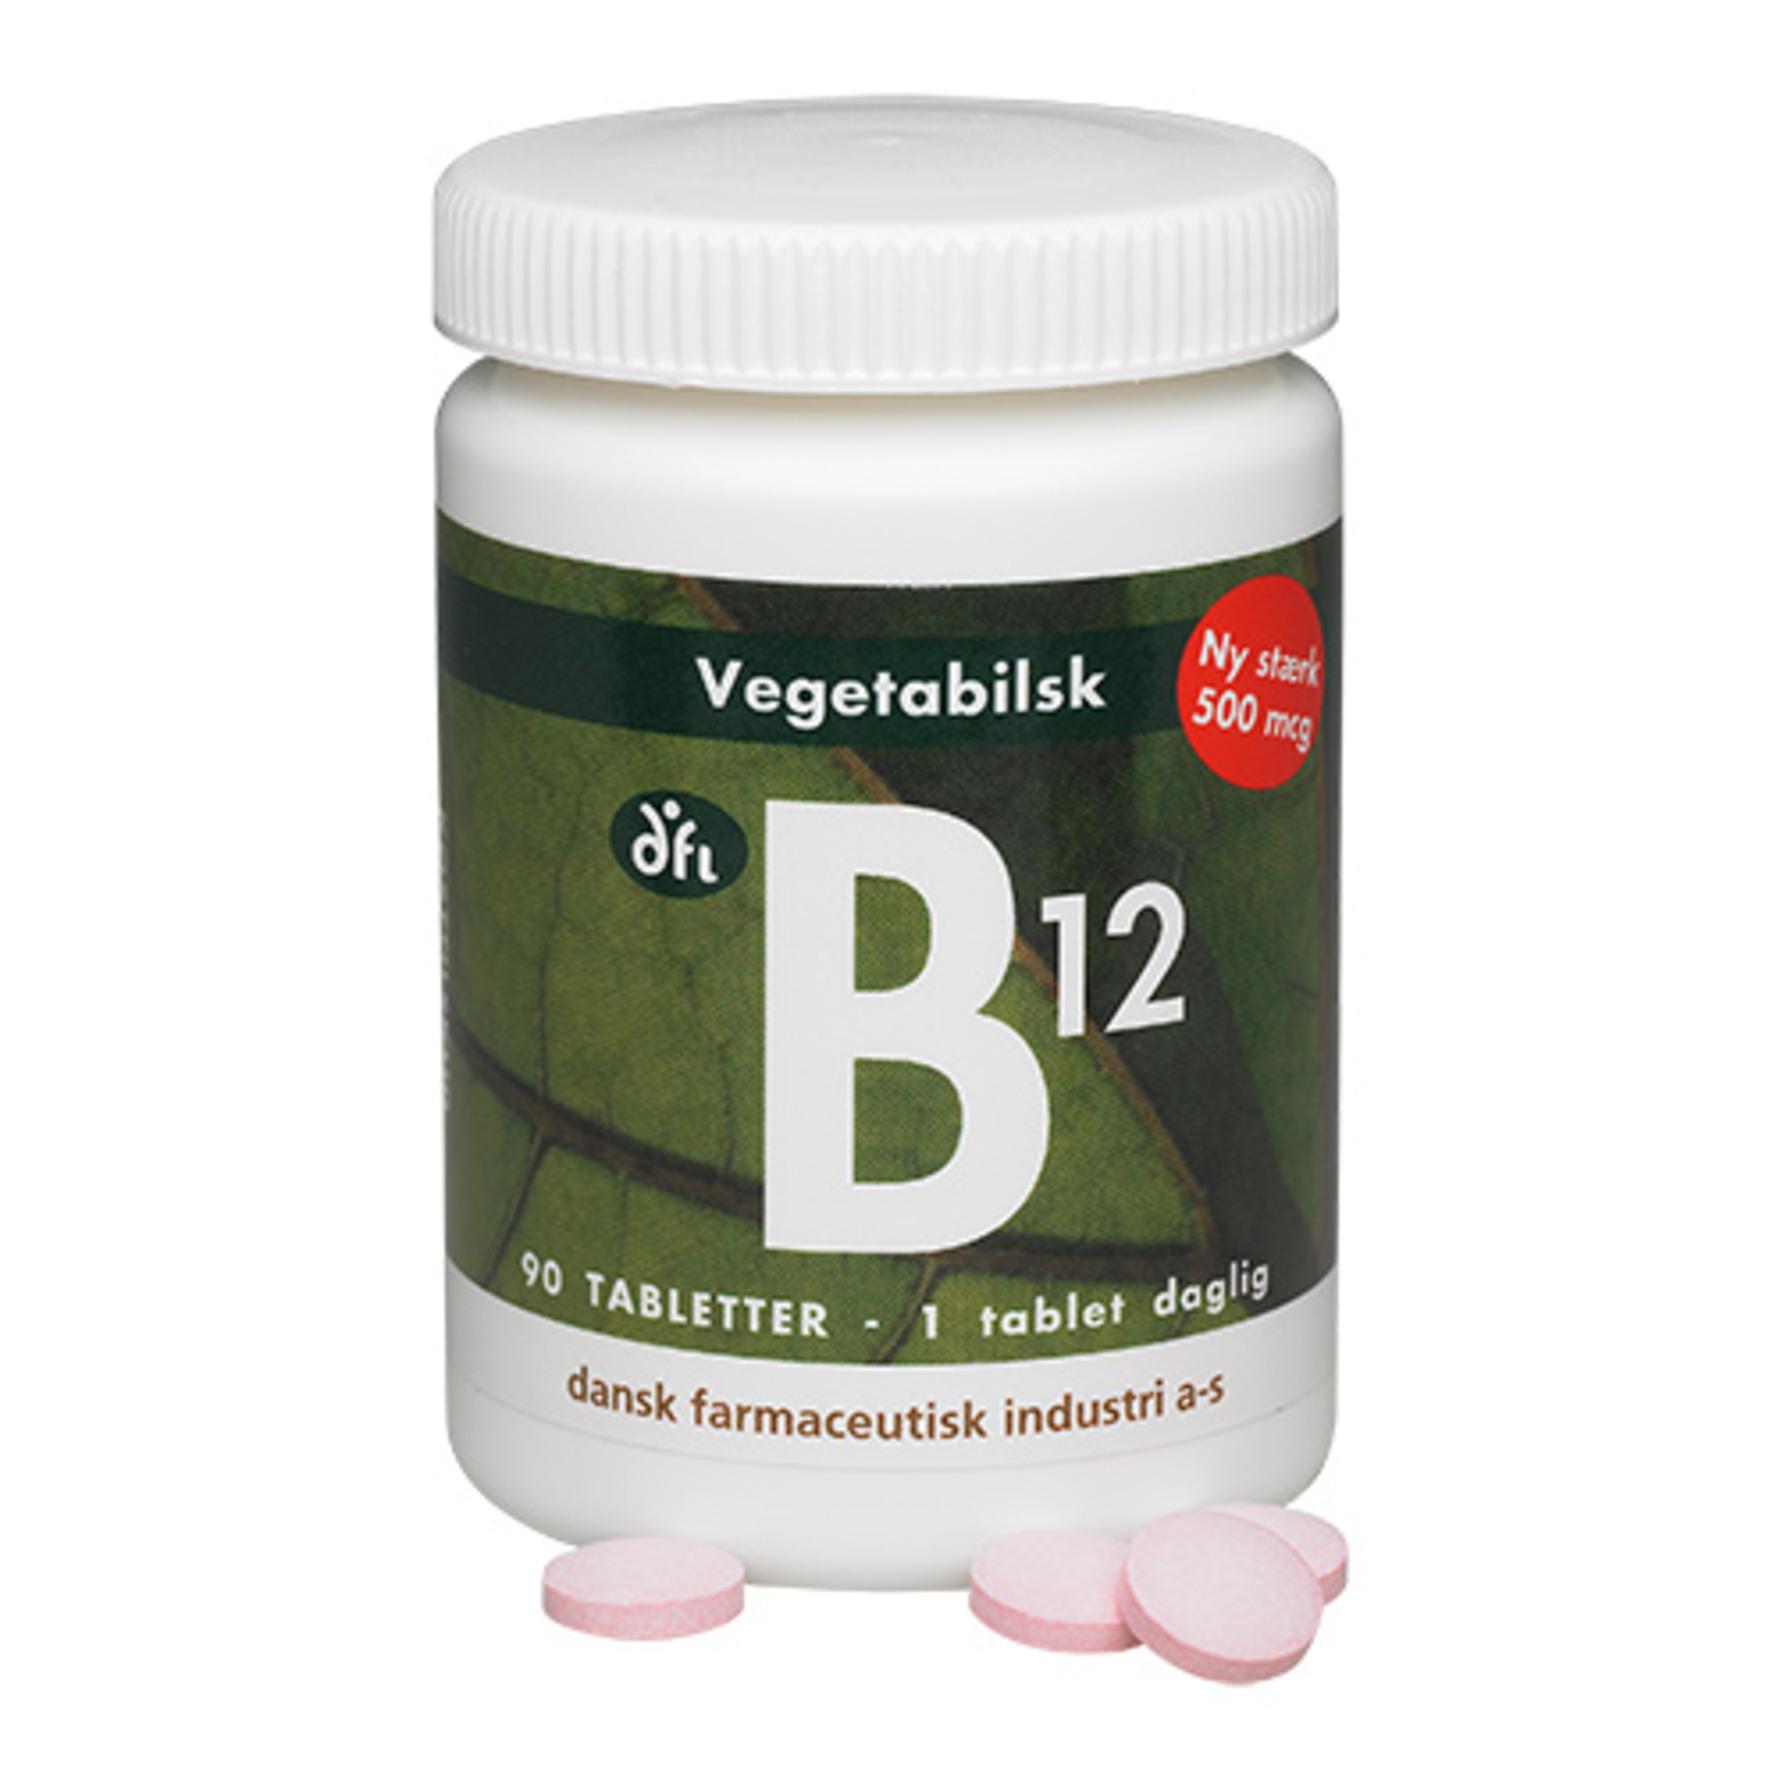 tilbud på vitaminpiller